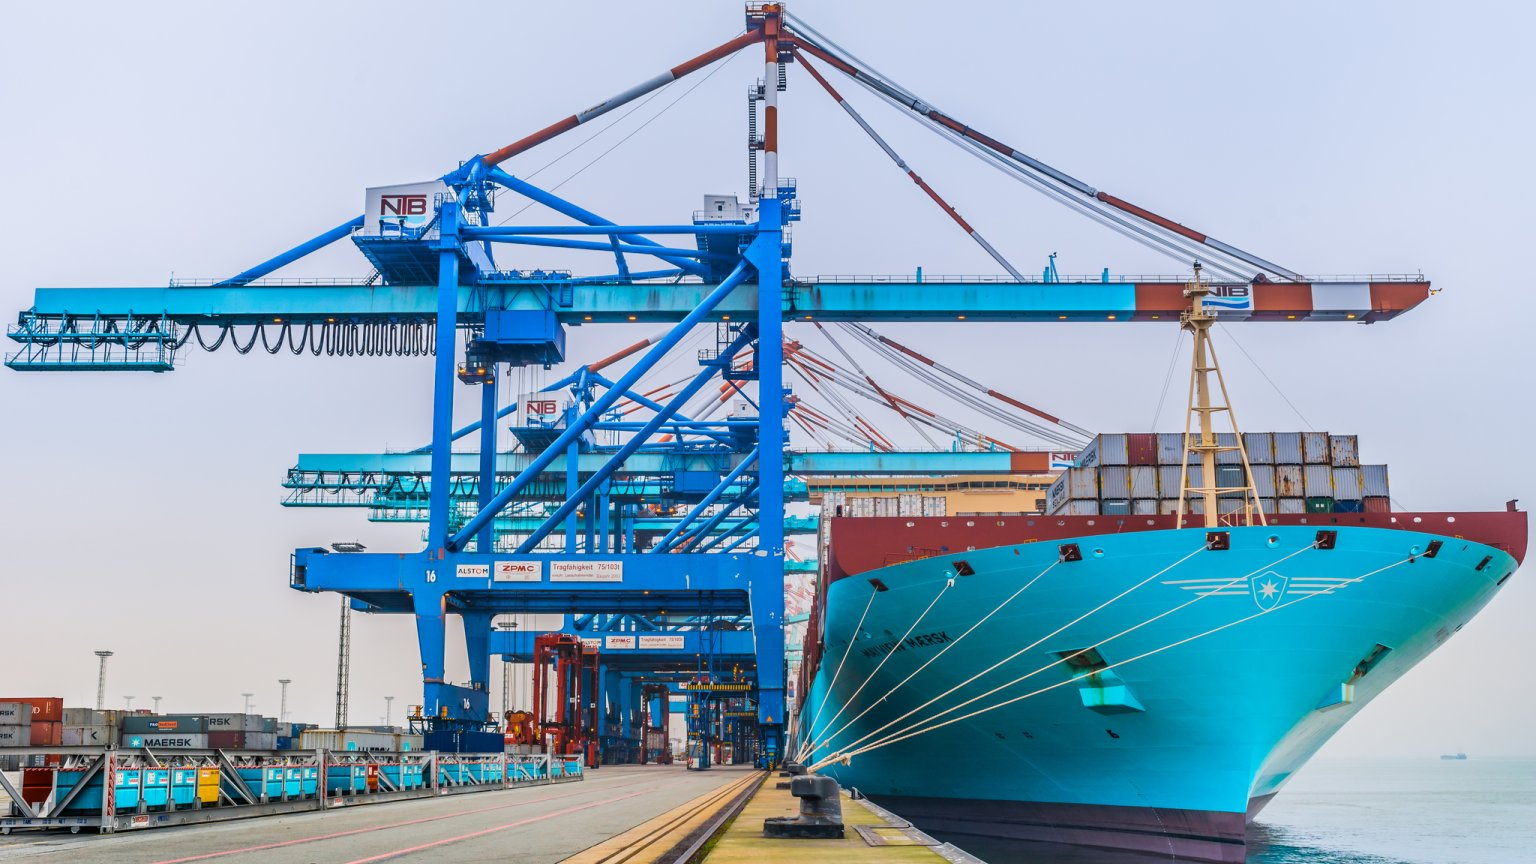 Mayview Maersk przy nabrzeżu terminala kontenerowego NTB w Bremerhaven